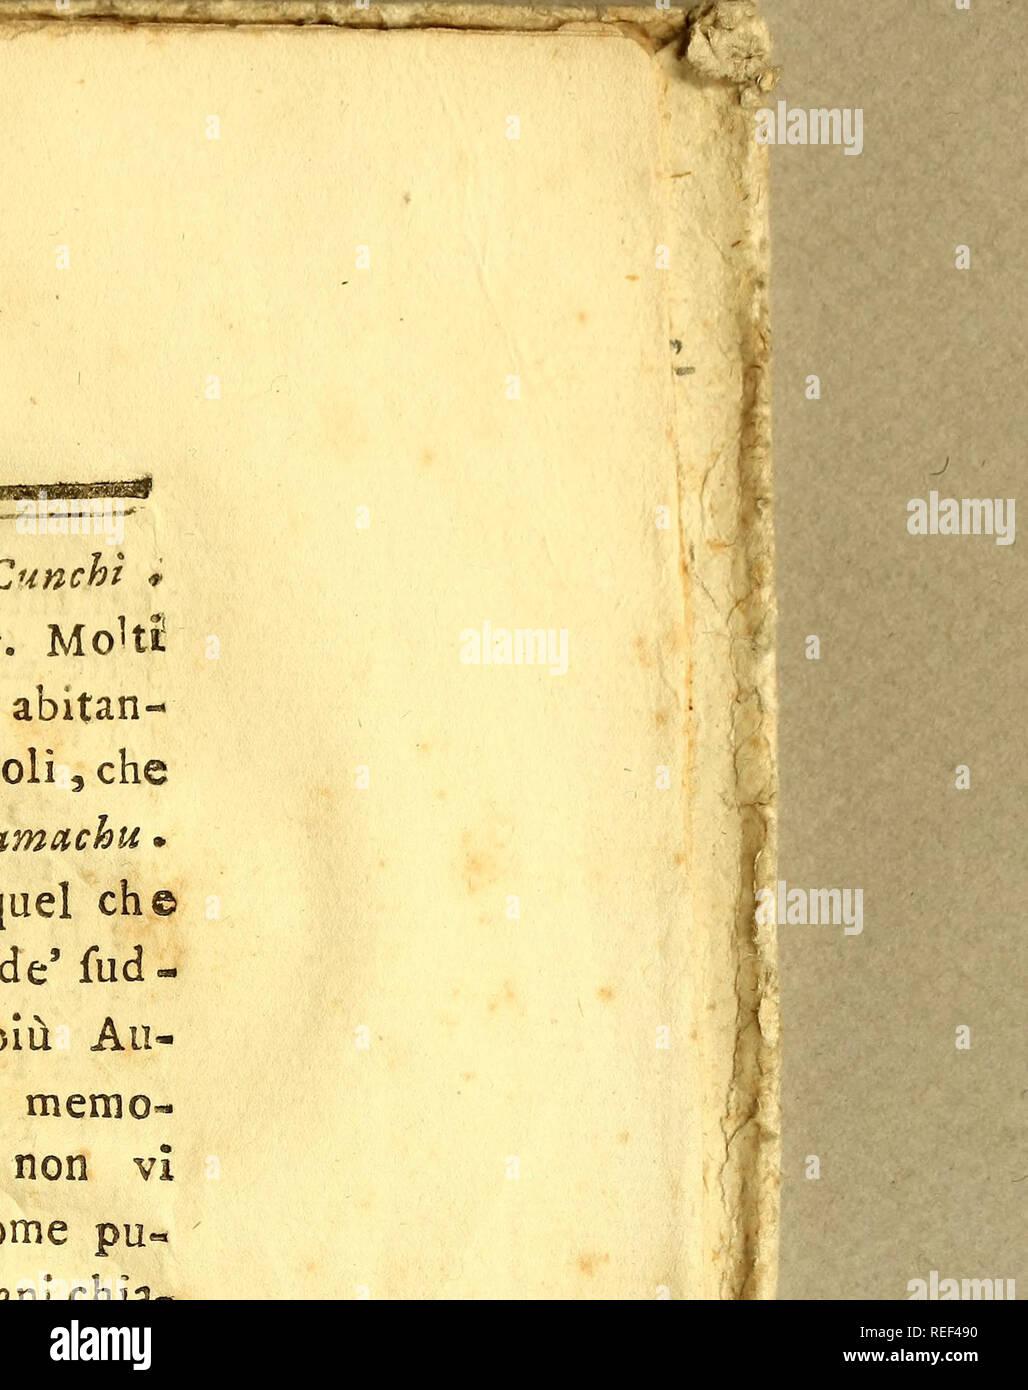 """. Compendio della storia naturale, geografica, e civile del regno del Chili. Histoire naturelle; Indiens Mapuche; Indian linguistics; Mentions Légales 1776. )( 243 )( legg. Pehuèpouces; e. l'ONU 63. Giunchi: legg. Ornchì; Par*. JìJ /&gt;*/. 119. Â"""". La propriété intellectuelle. #** X8- â- pervadono Amot Moki fi, che la bella carnagione degli abitan- ti di Boro* cinéma Abbia origine da' prigioni Spagnuolì rimafero; che vi le copo vittorie del Paillamachu Toqui. ¨ à ma e' una ra, Ione ,¬ftrugge , che dà par quel eh© mi pôle r^querV opinione. La maggior parte de'ad- detti prigioni fu confinata nelle Provincie più tous- ibali degli Arauca Banque D'Images"""